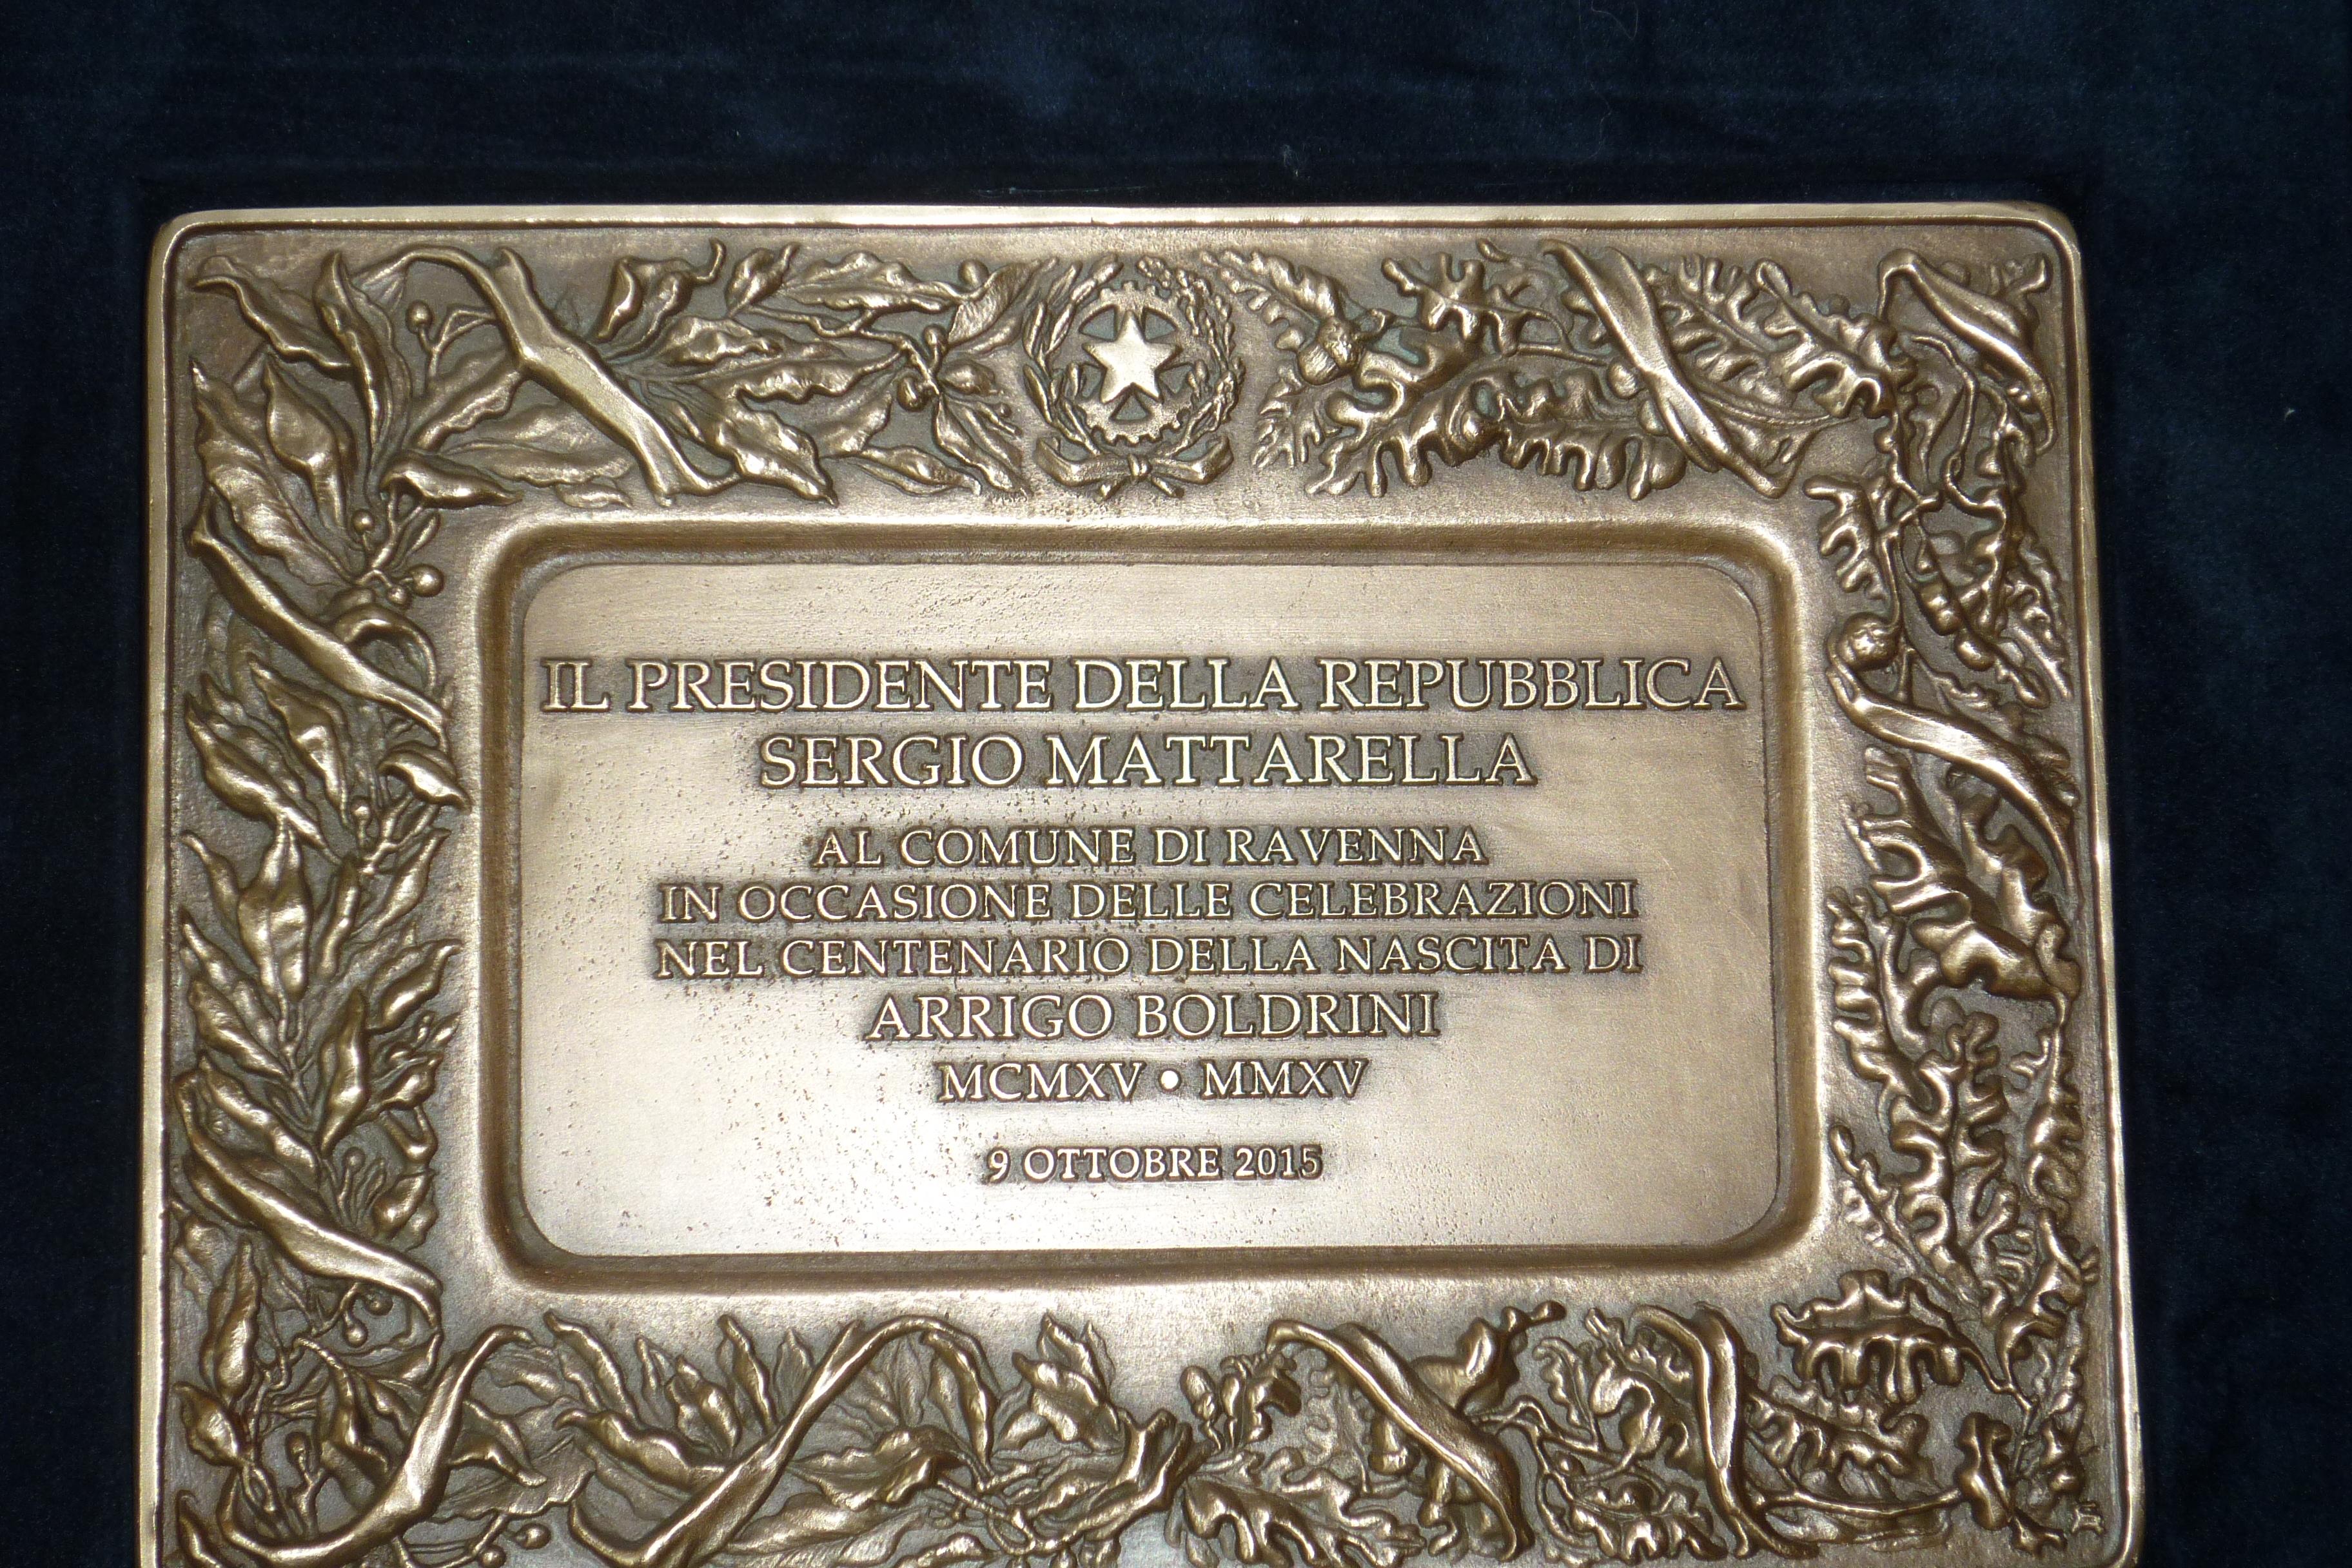 Premio della Presidenza della Repubblica al Comune di Ravenna per il Convegno per il centenario di Boldrini, 9 ottobre 2015